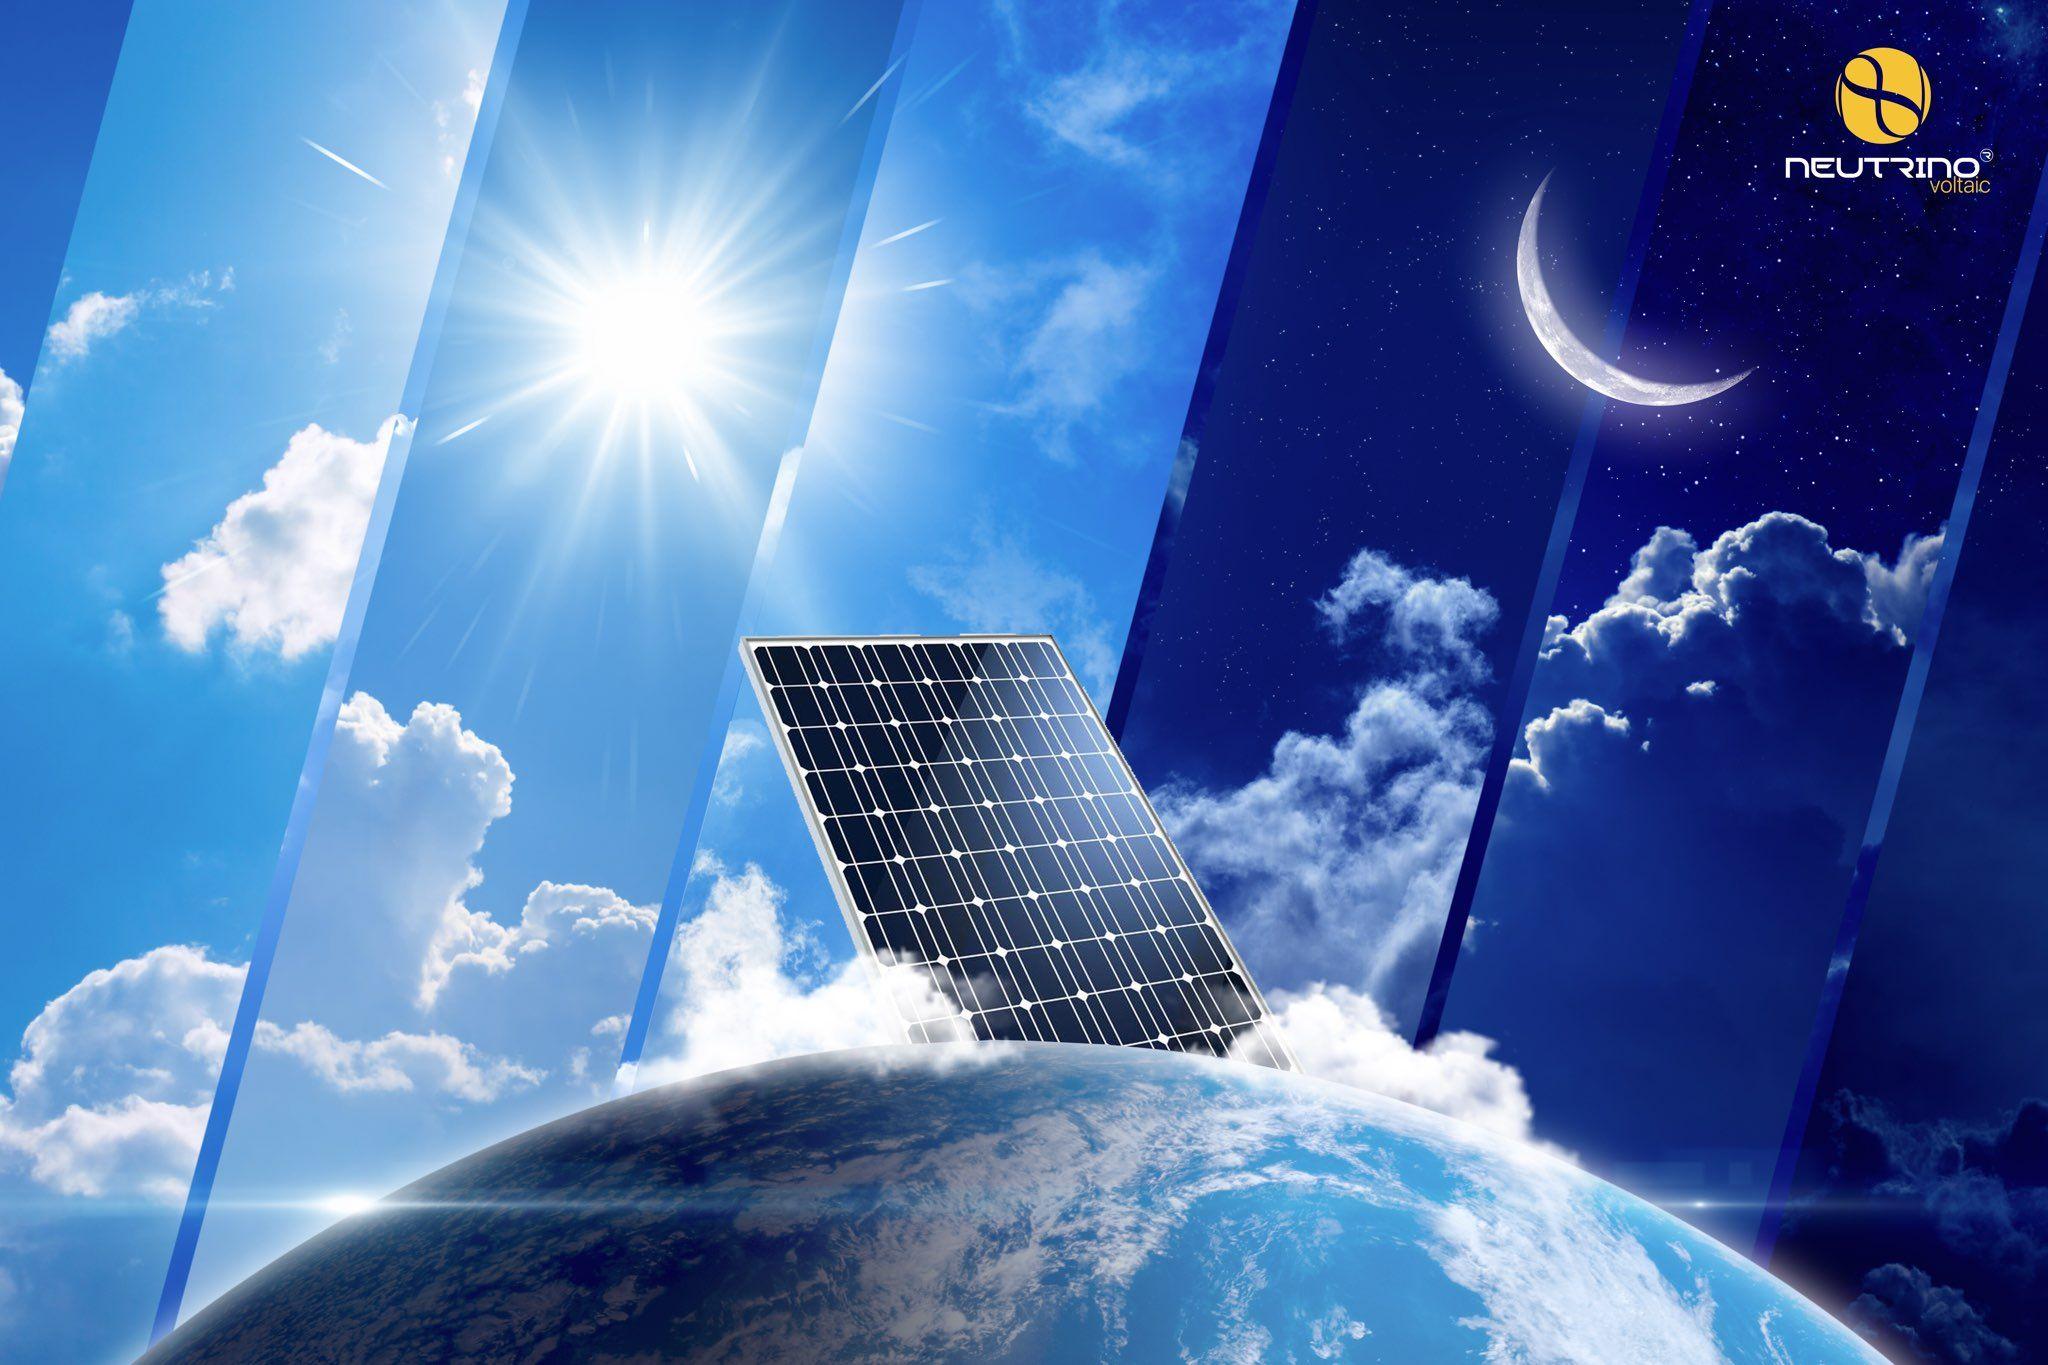 Foto de Neutrino Energy // Neutrinovoltaico